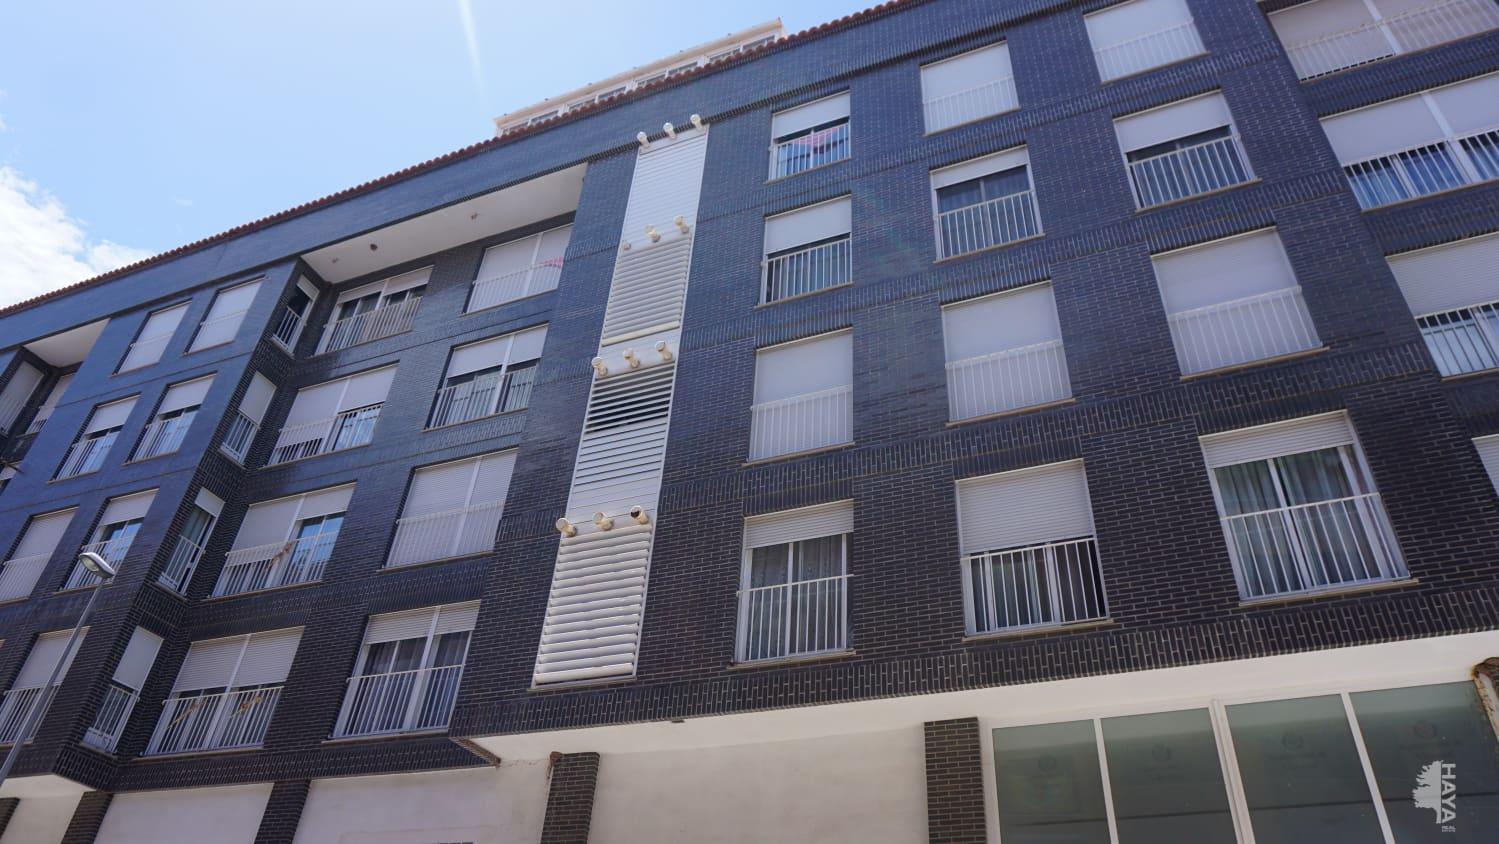 Piso en venta en Virgen de Gracia, Vila-real, Castellón, Calle Valencia/ Ponent Baix, 142.200 €, 4 habitaciones, 2 baños, 159 m2